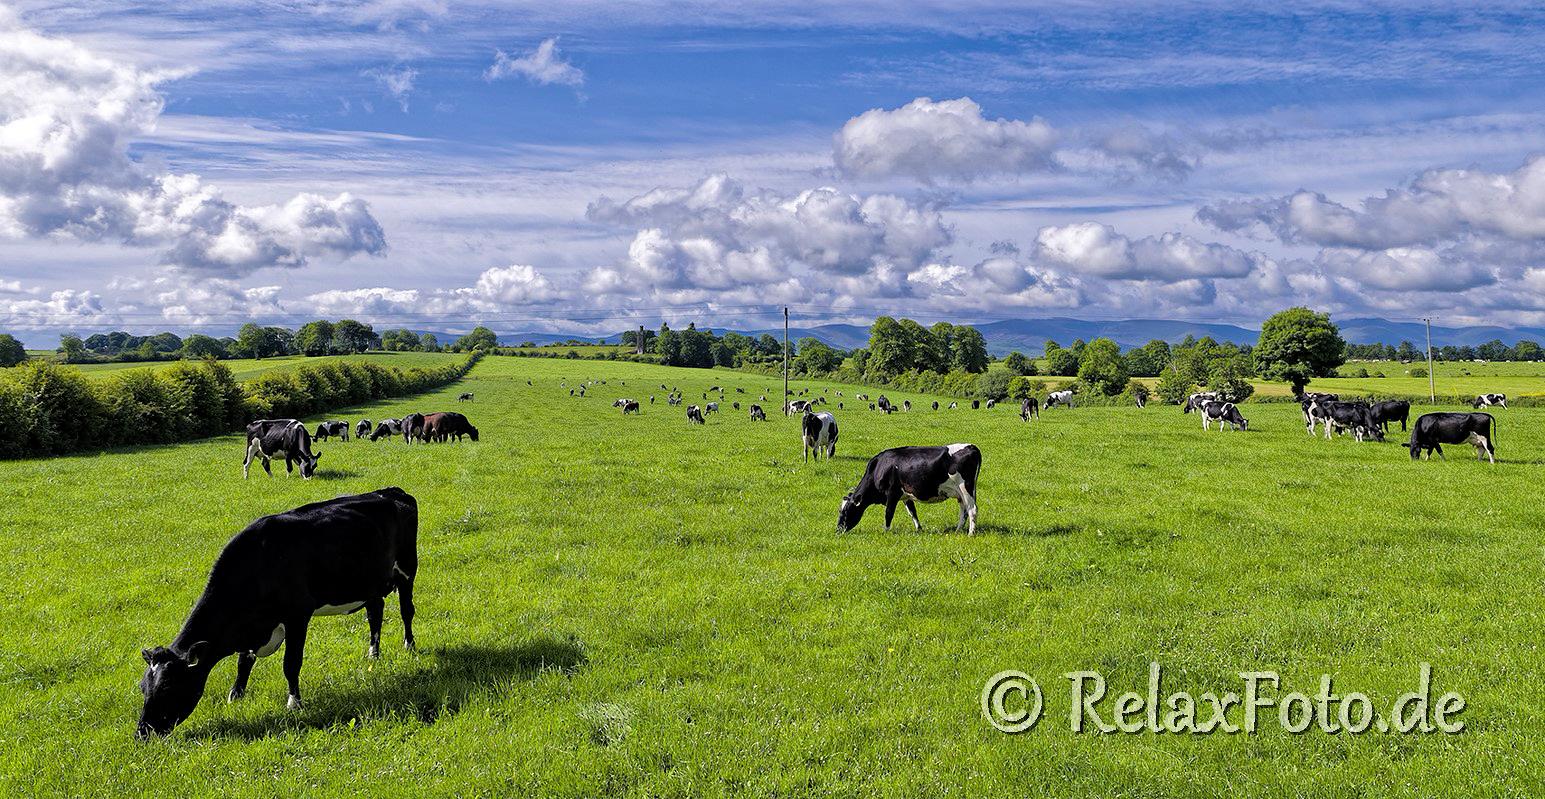 Irland-Viehweiden-Weidewirtschaft-Kuehe-Kuh-Kuhherde-irische-Landschaften-A_SAM5209